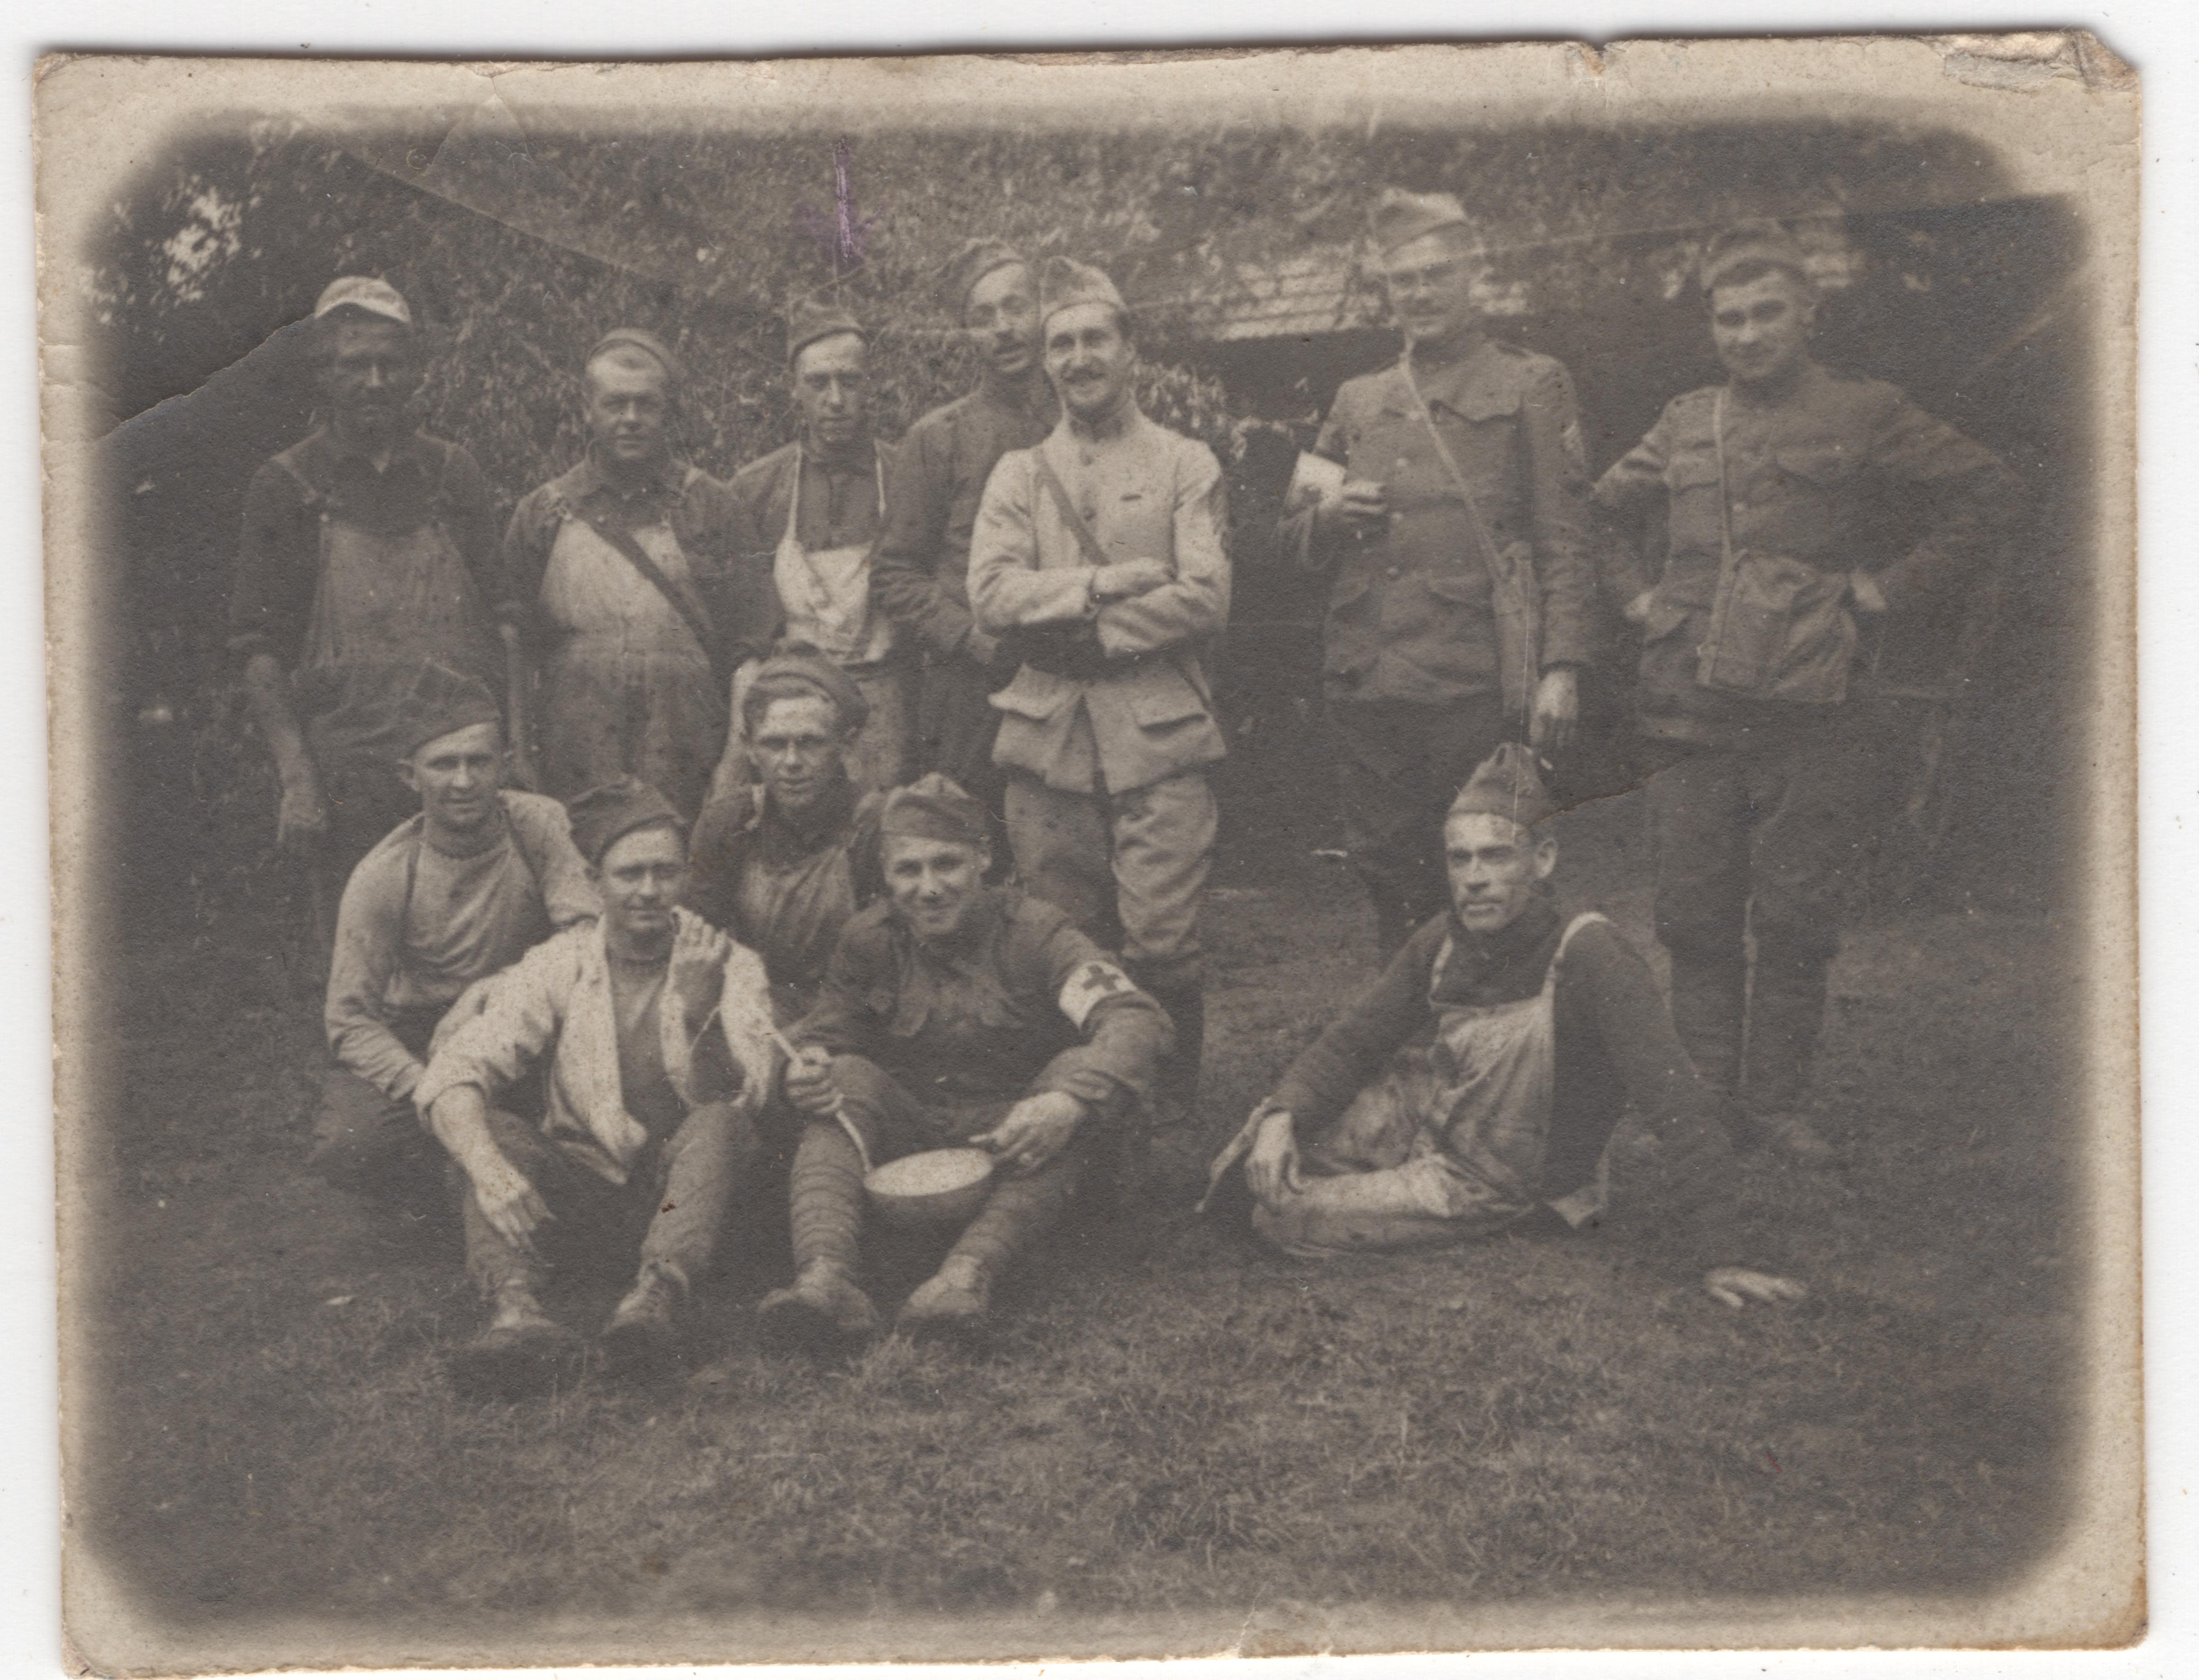 Kaiser_Glenn_1918_Soldiers_fromLetter_HD